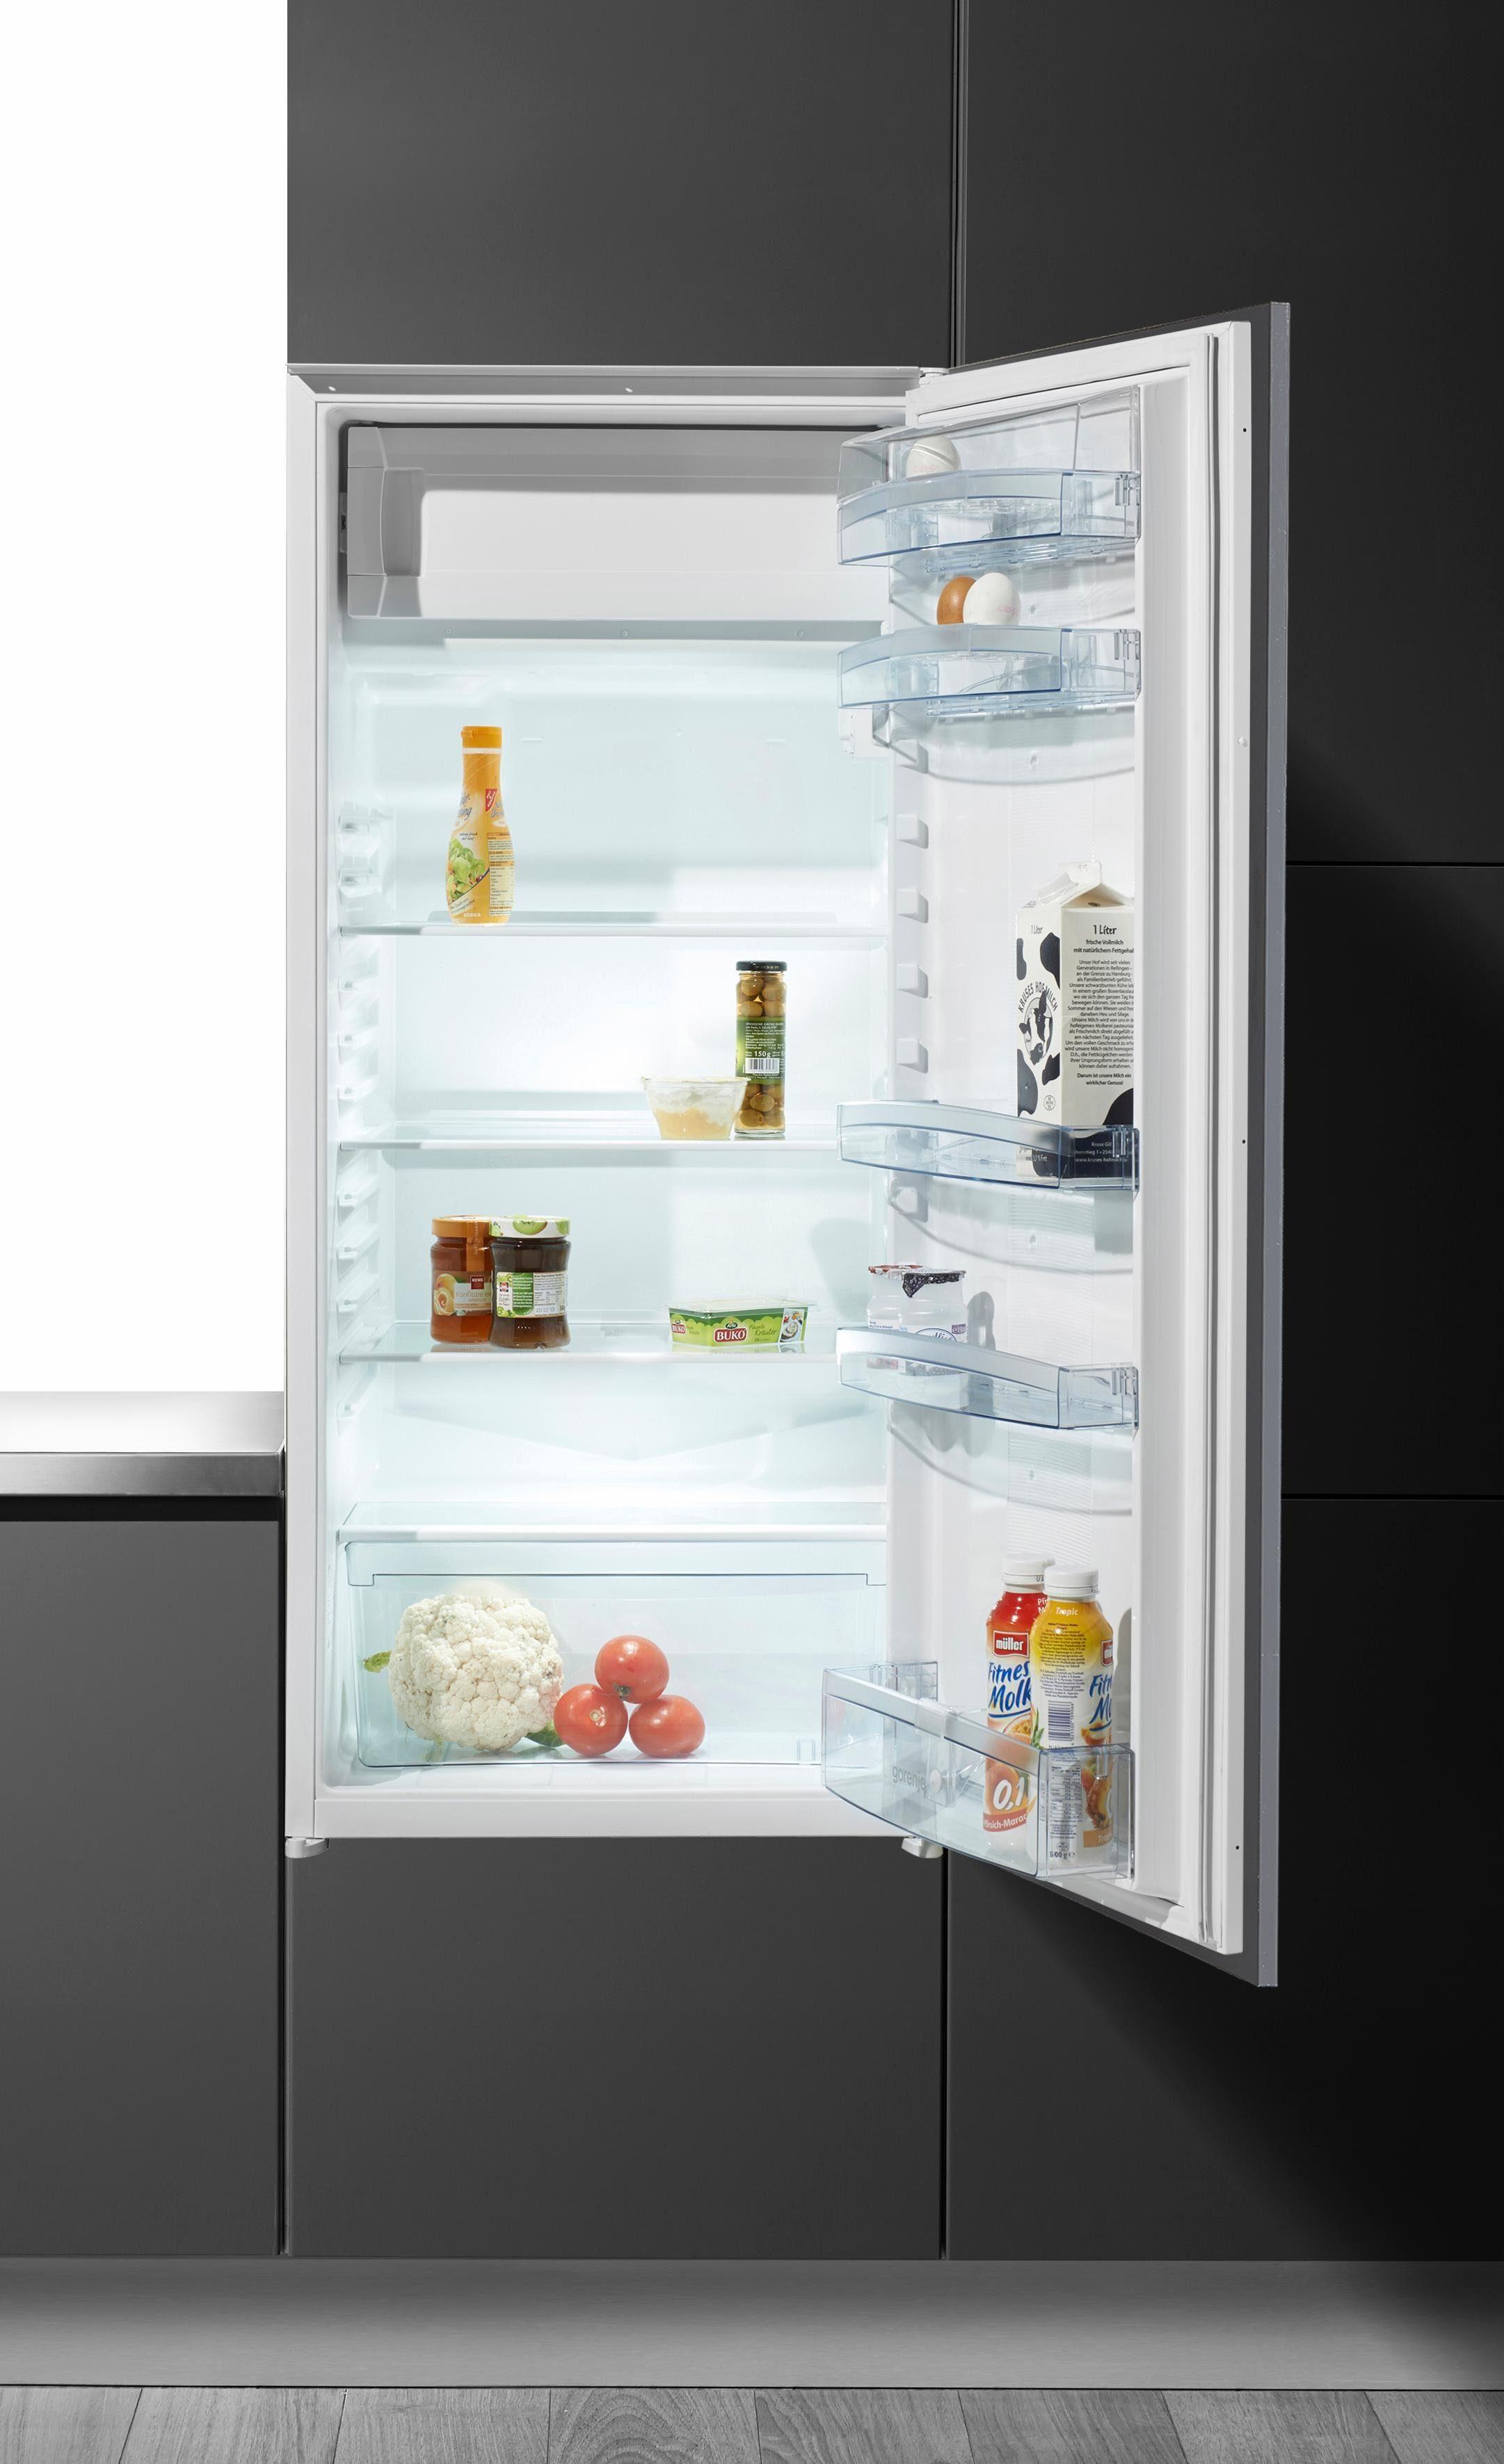 Gorenje Integrierbarer Einbau-Kühlschrank RBI 4121 AW, A+, für 123er Nische